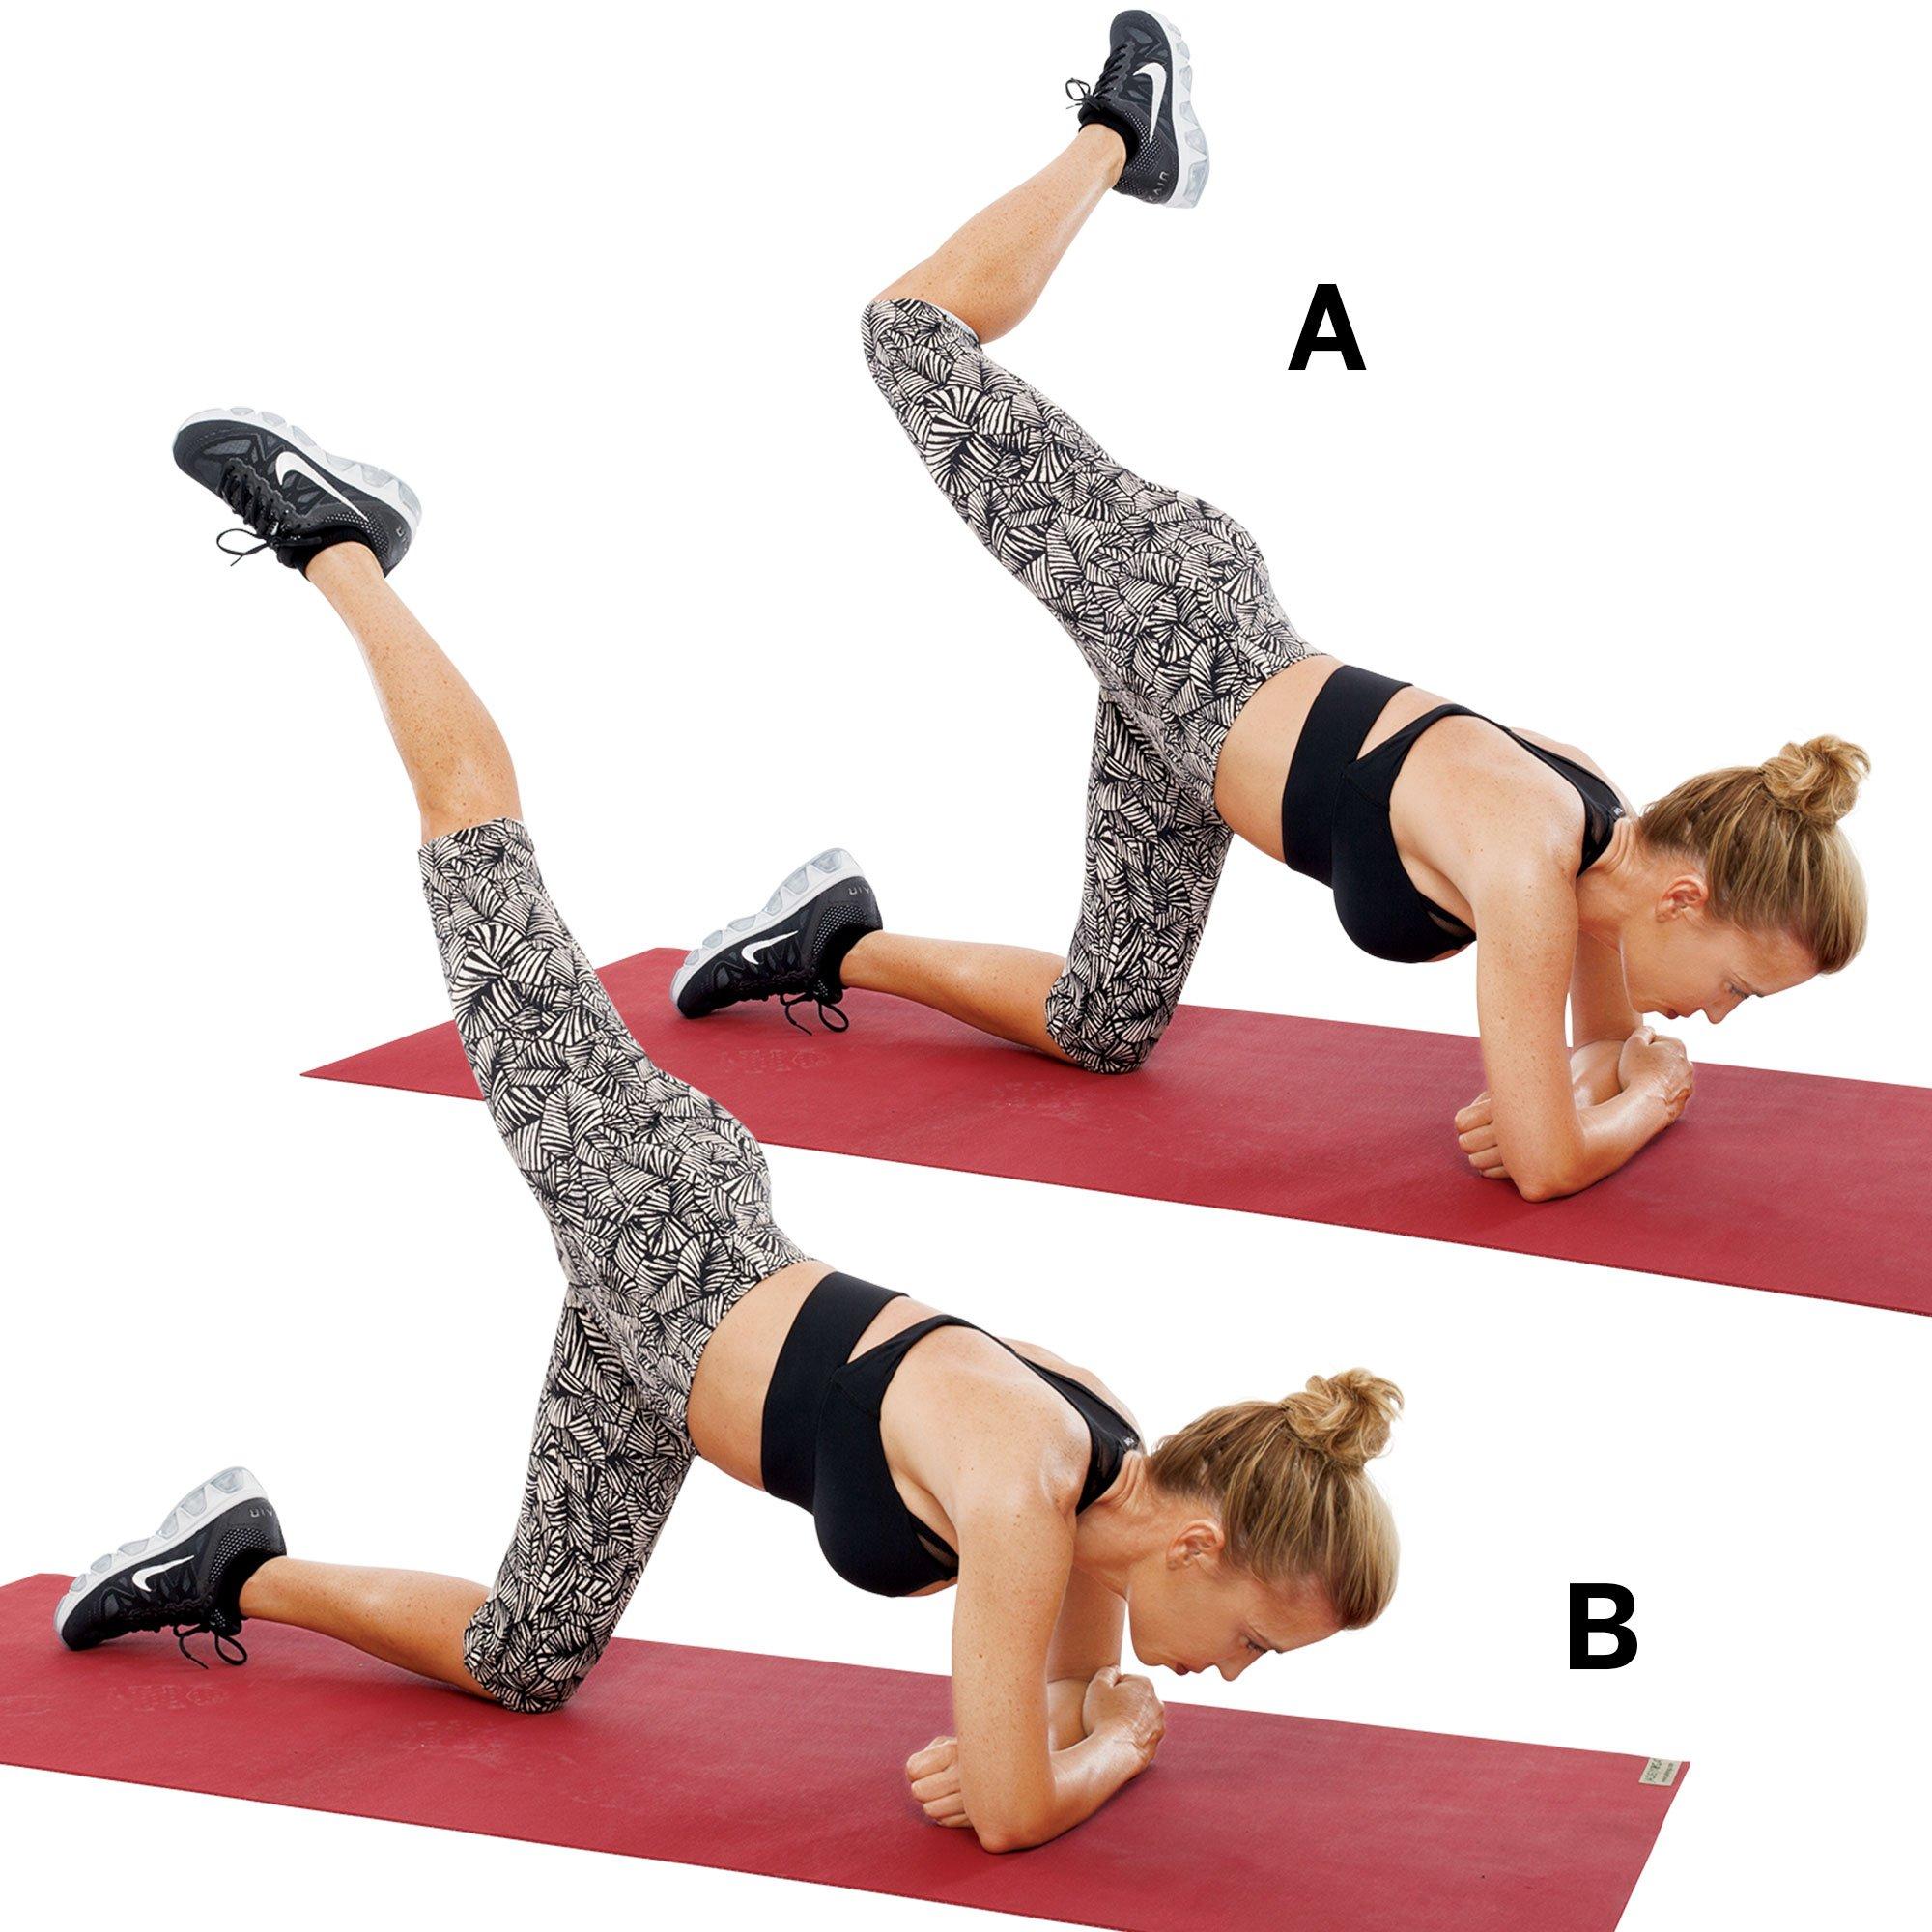 ejercicios+para+abdomen+plano+rapido